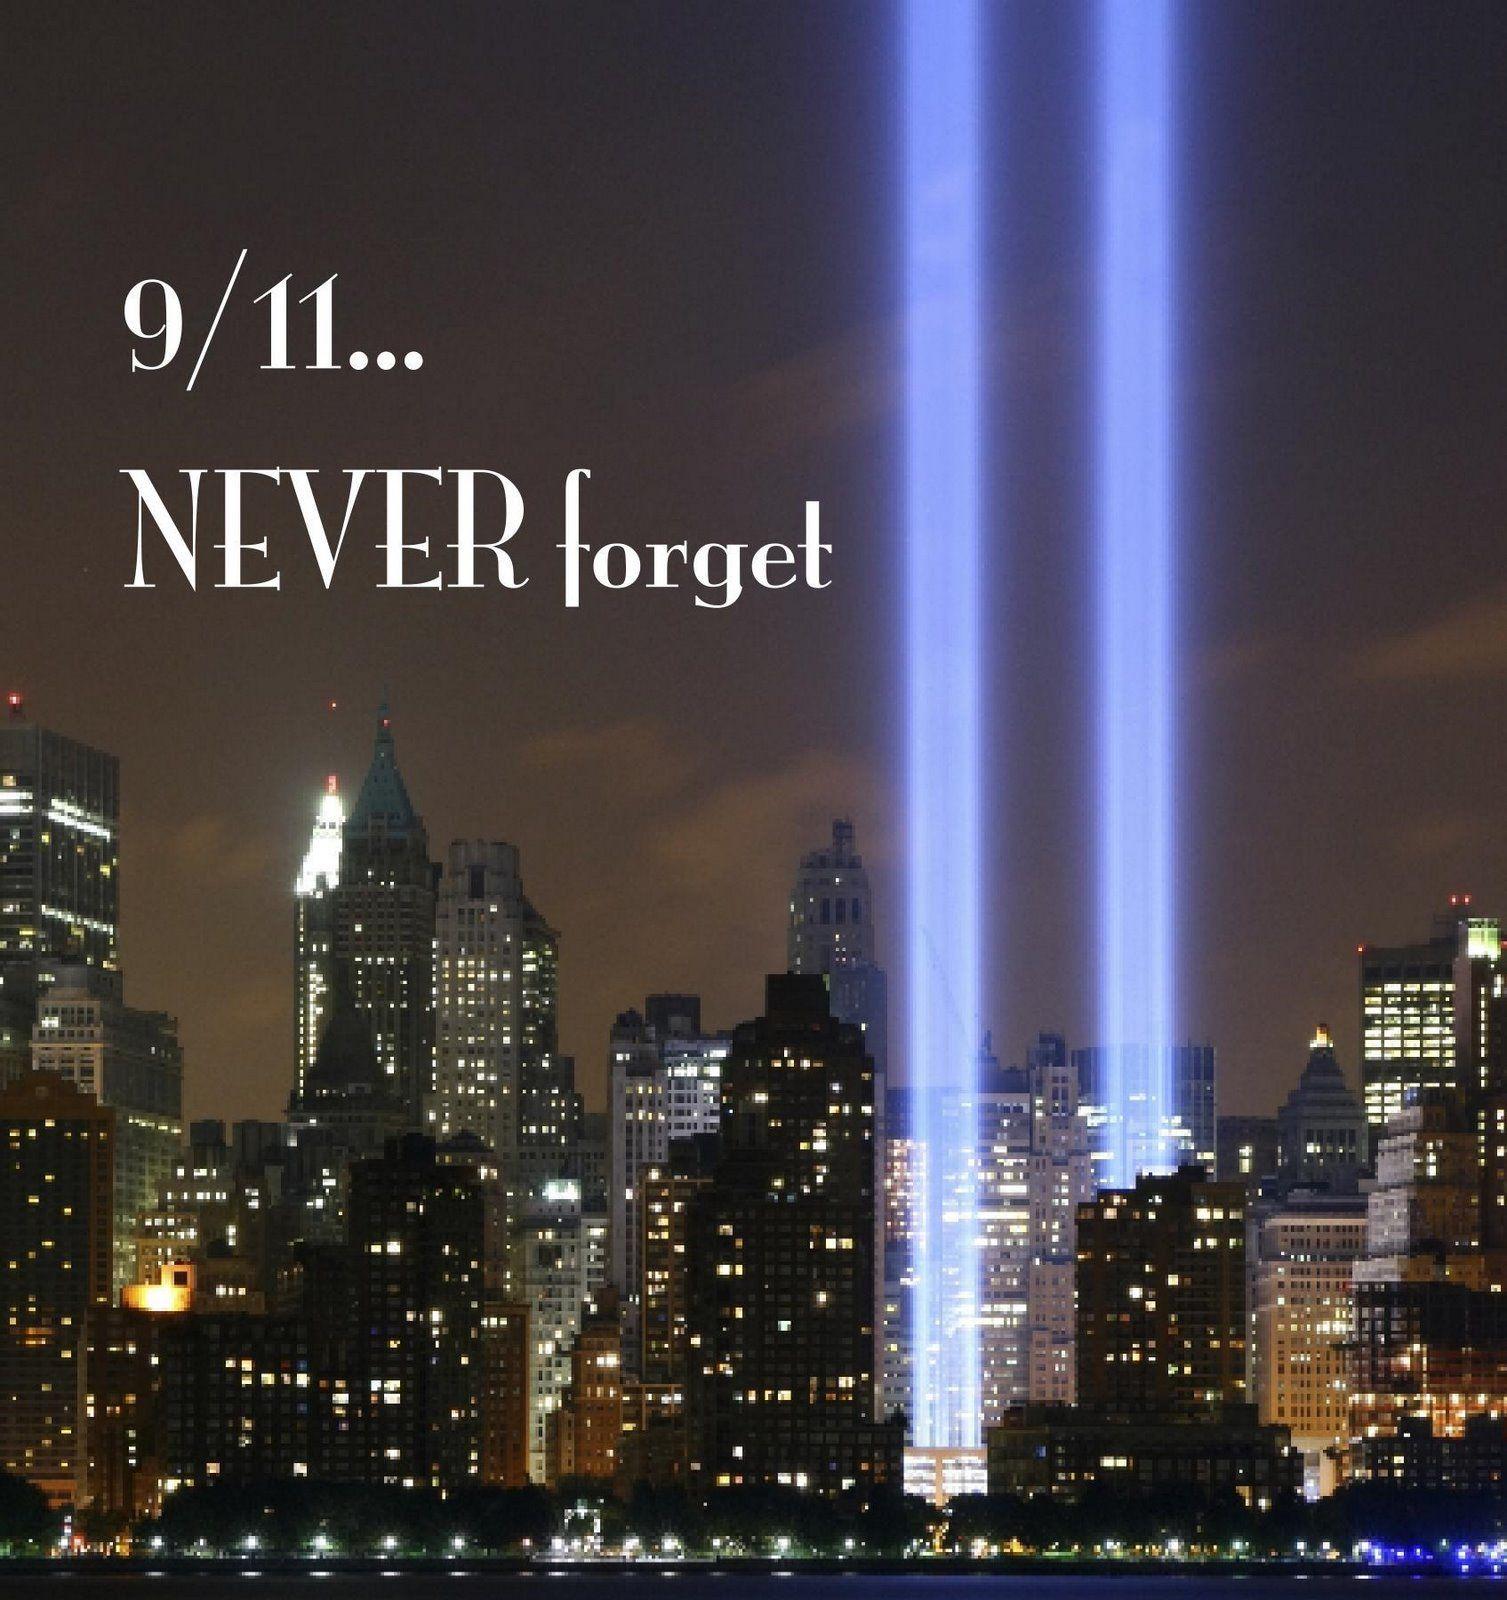 Google Image Result For Https Www Aps Edu Images 9 11 Never Forget Image We Will Never Forget Never Forget September 11